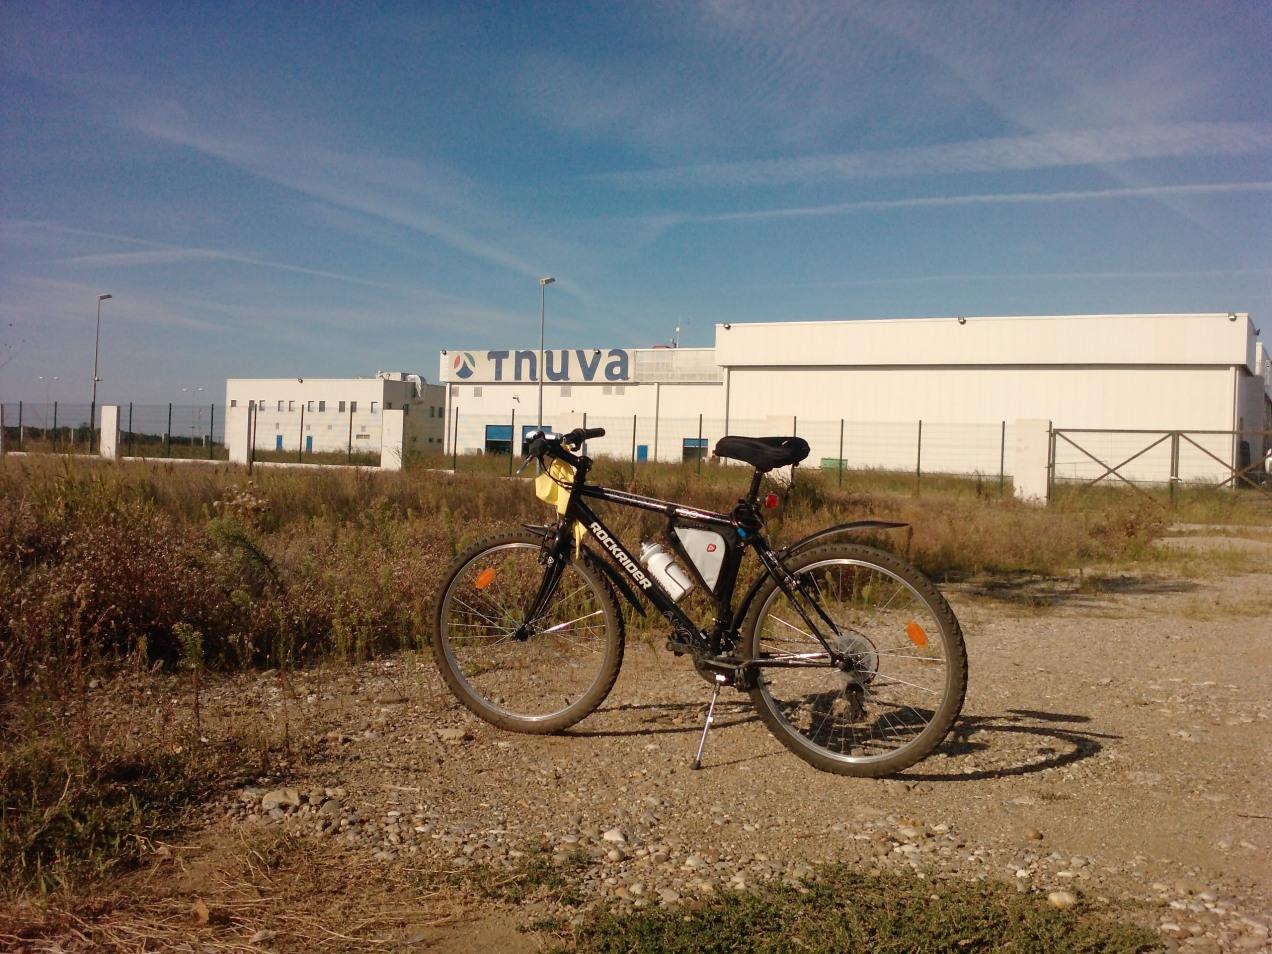 160 Km singur pe bicla - pauza de dezmortire